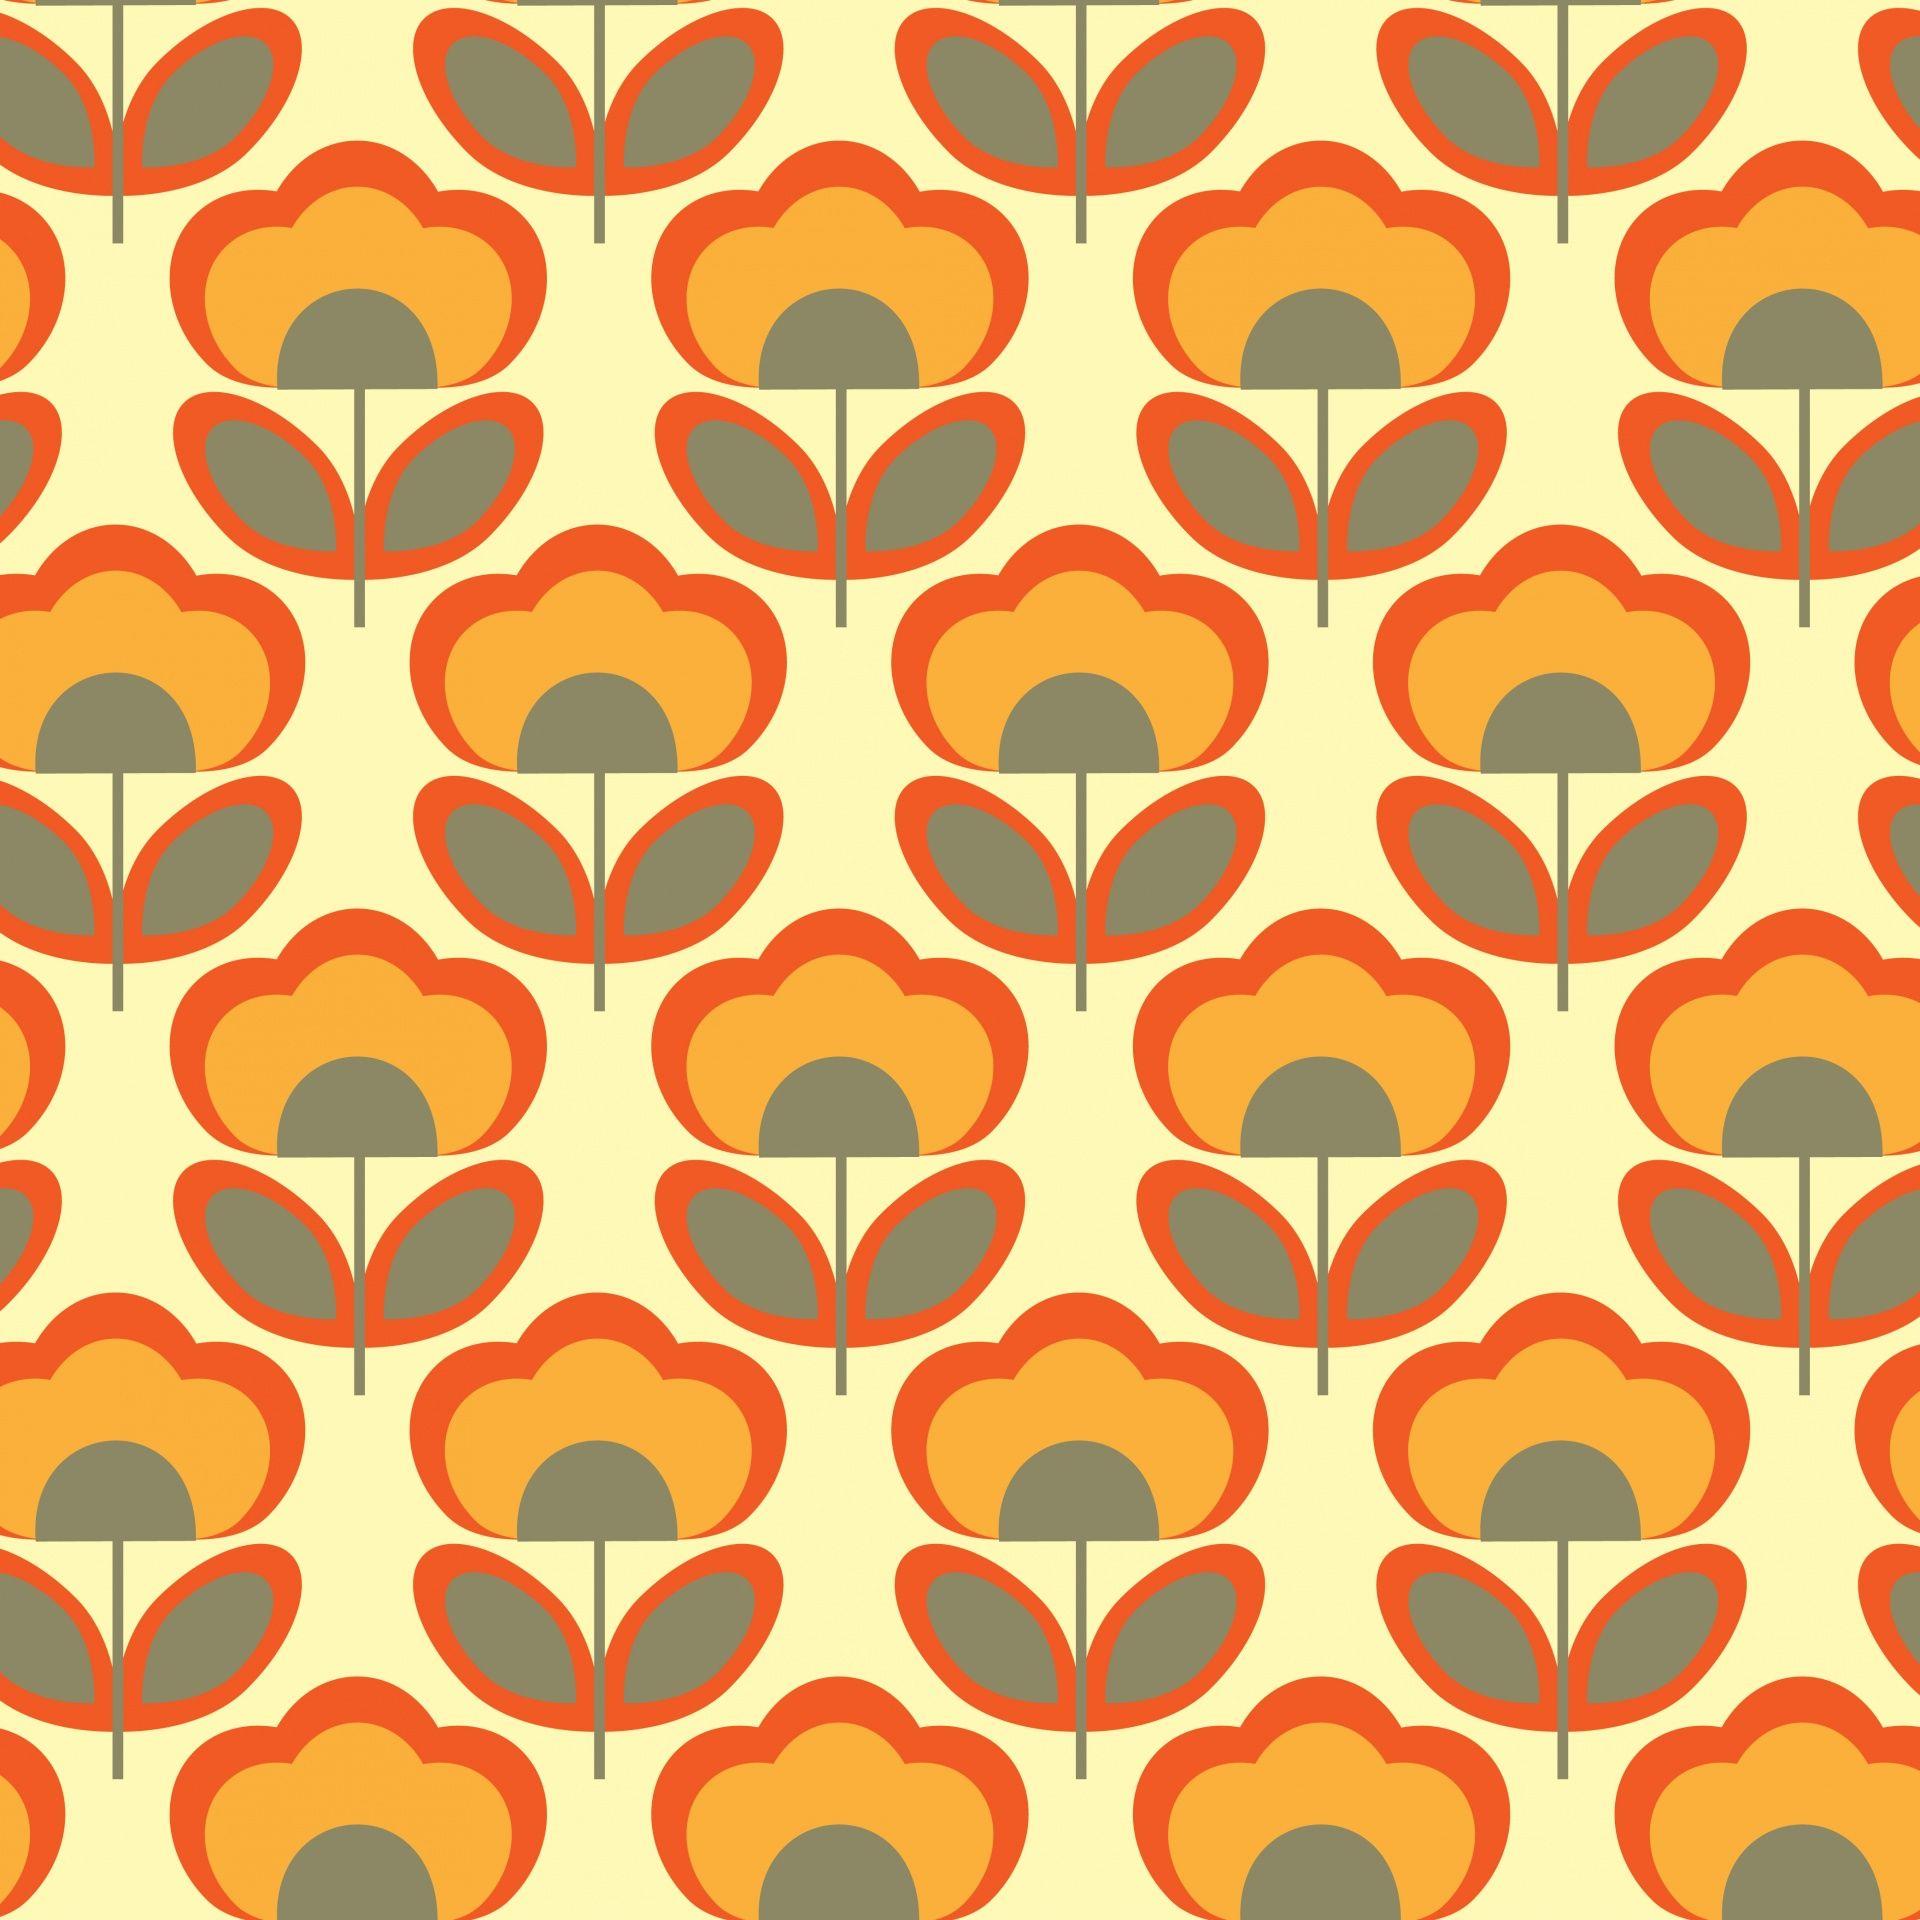 Floral Retro 70s Wallpaper Retro Wallpaper Retro Prints Retro Pattern